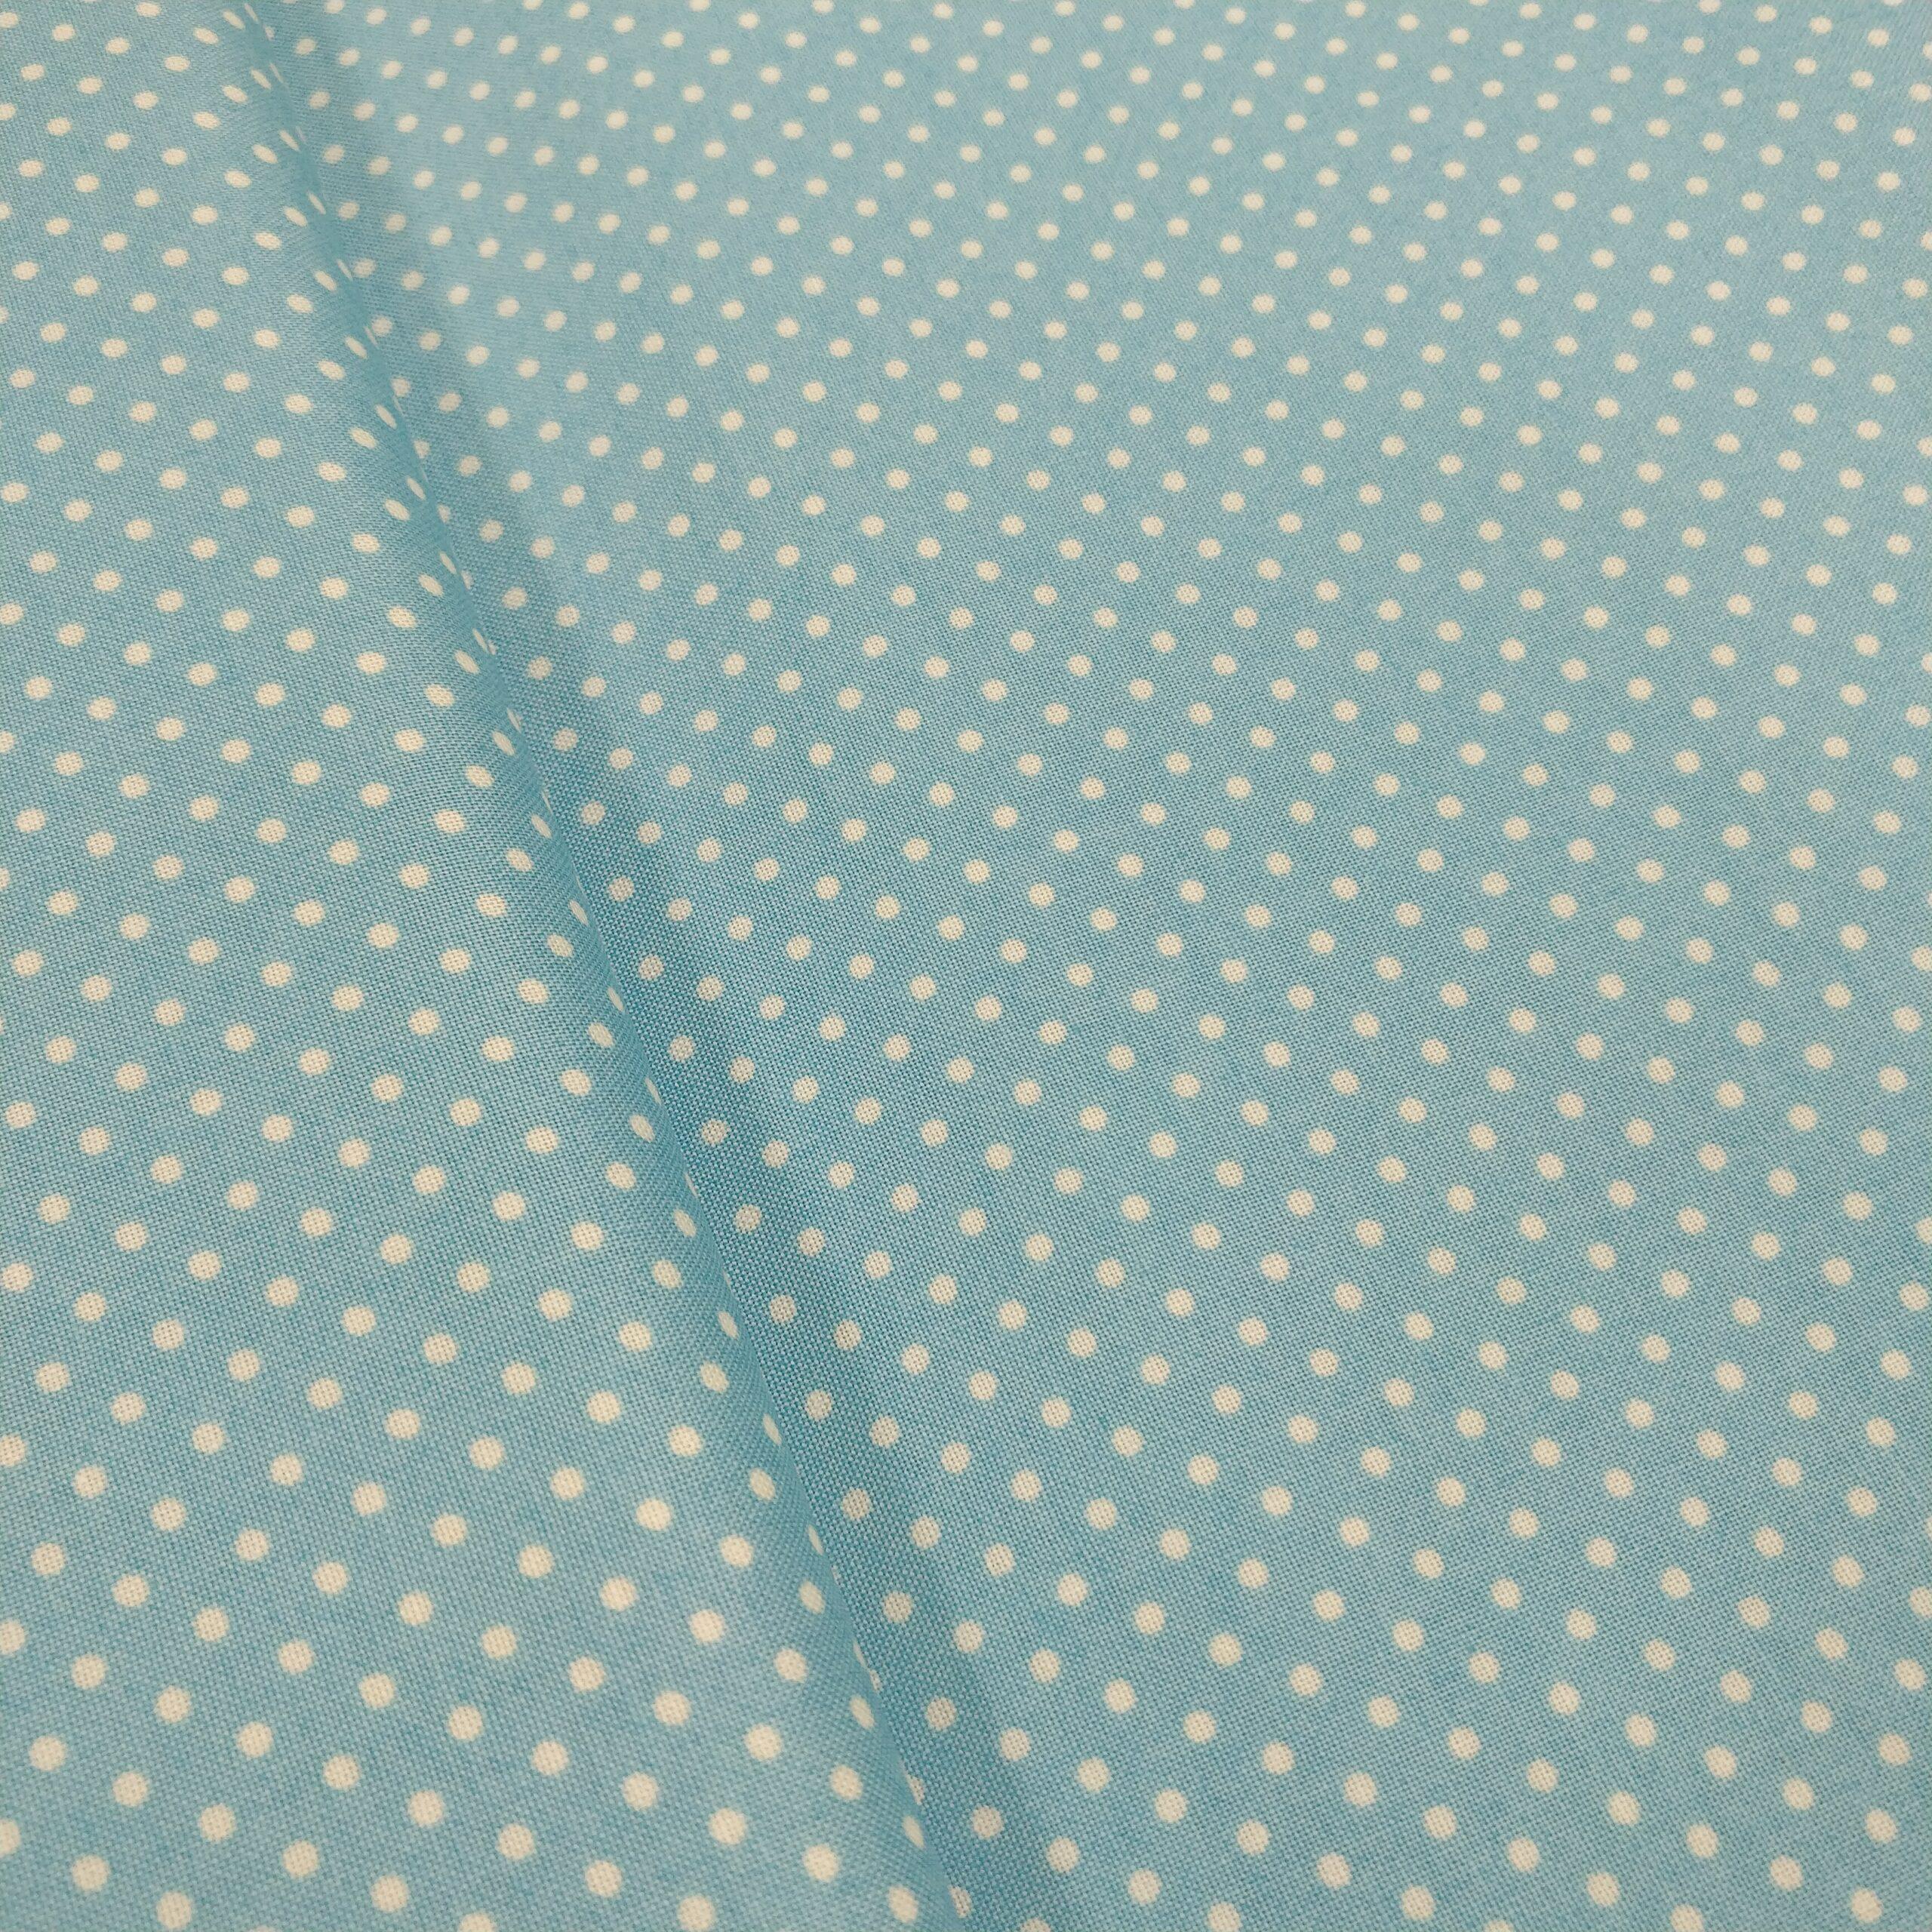 dots himmelblau